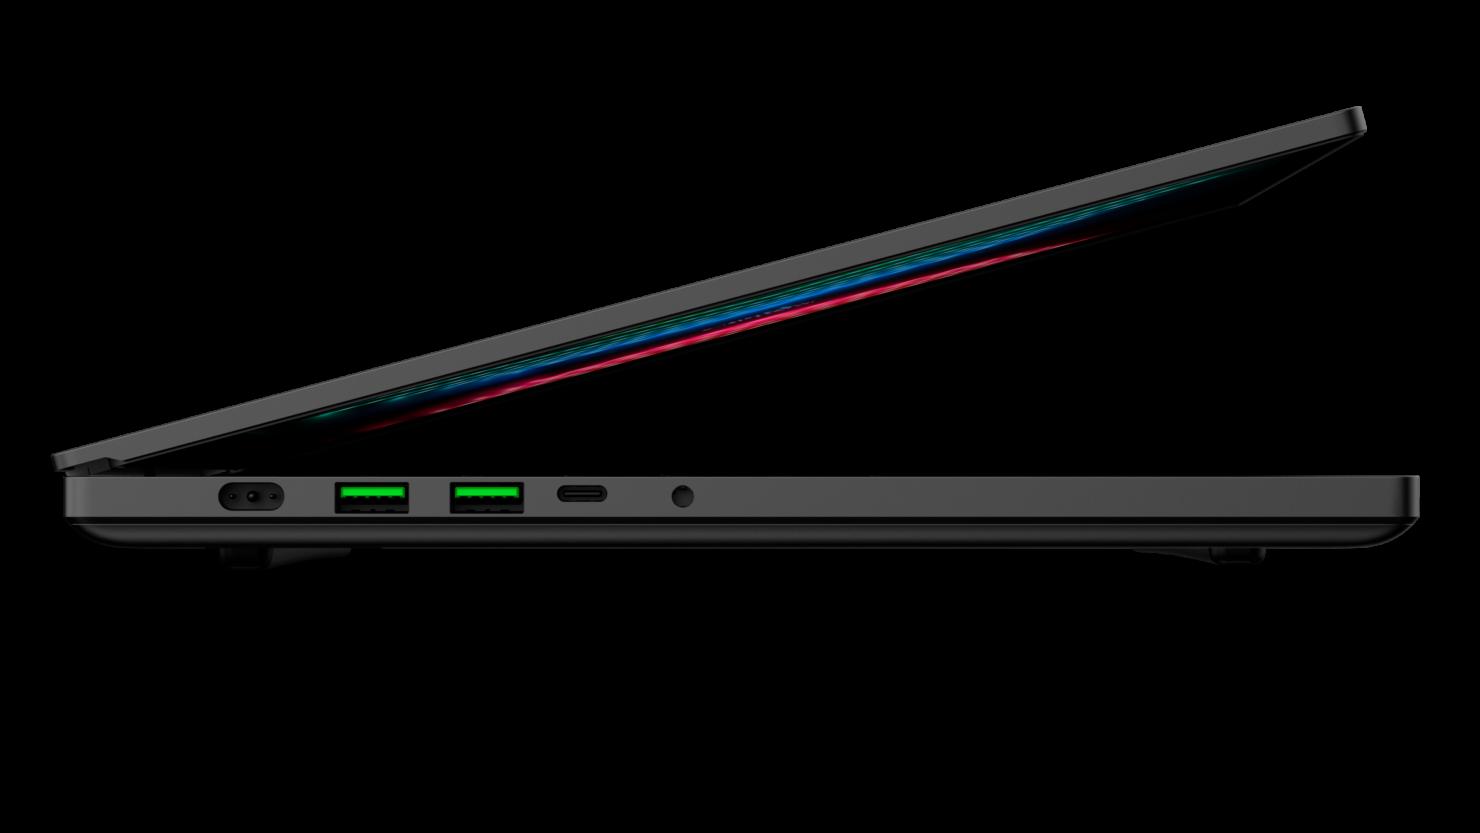 razer-blade-15-advanced-2021-fhd-render-3